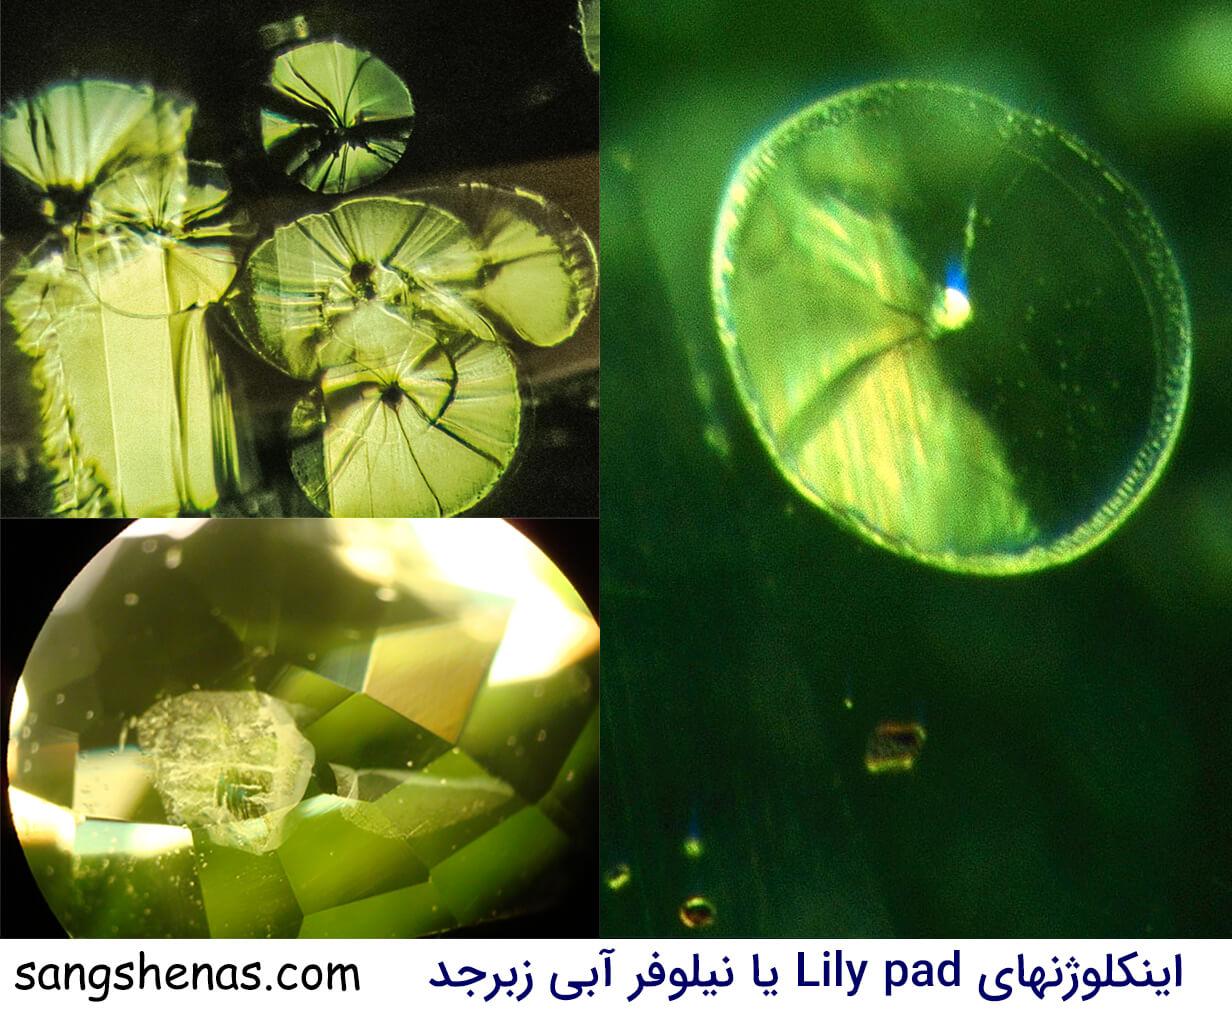 درونگیرهای Lily pad یا نیلوفر آبی سنگ زبرجد